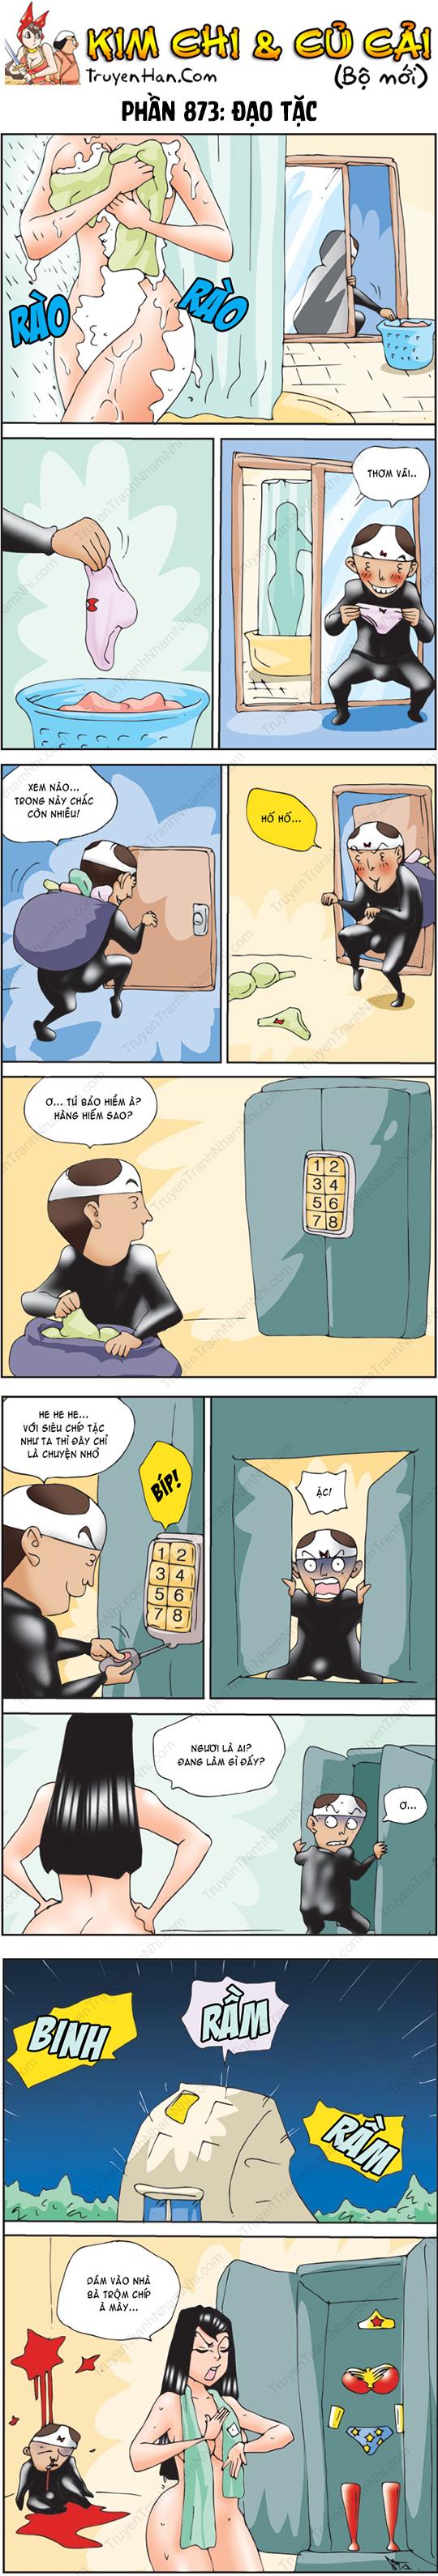 Kim Chi Và Củ Cải Phần 873: Đạo tặc